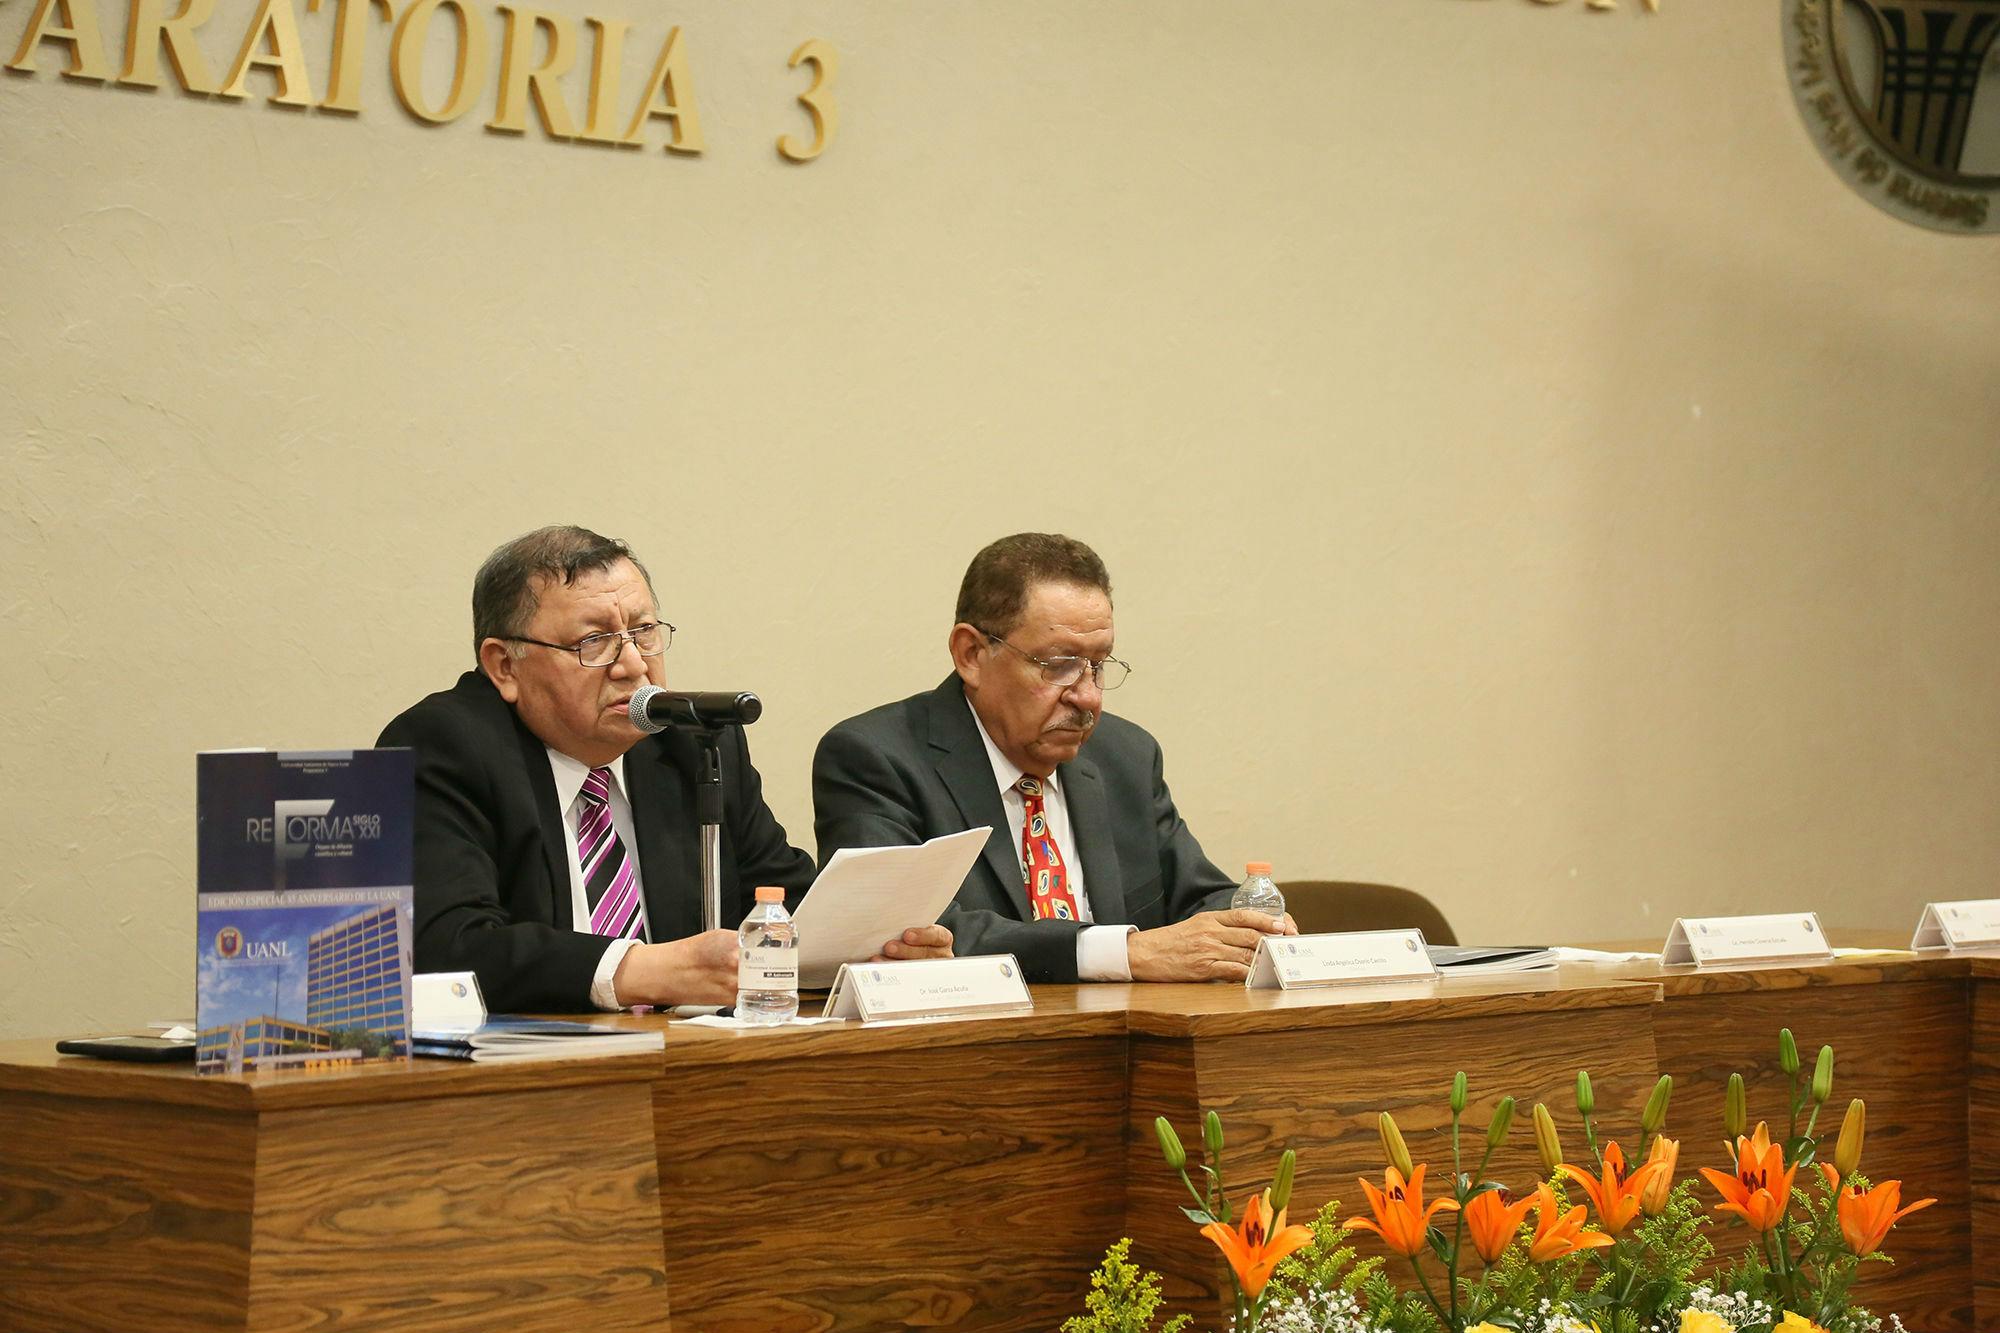 Presentación de la edición especial de la revista Reforma Siglo XXI